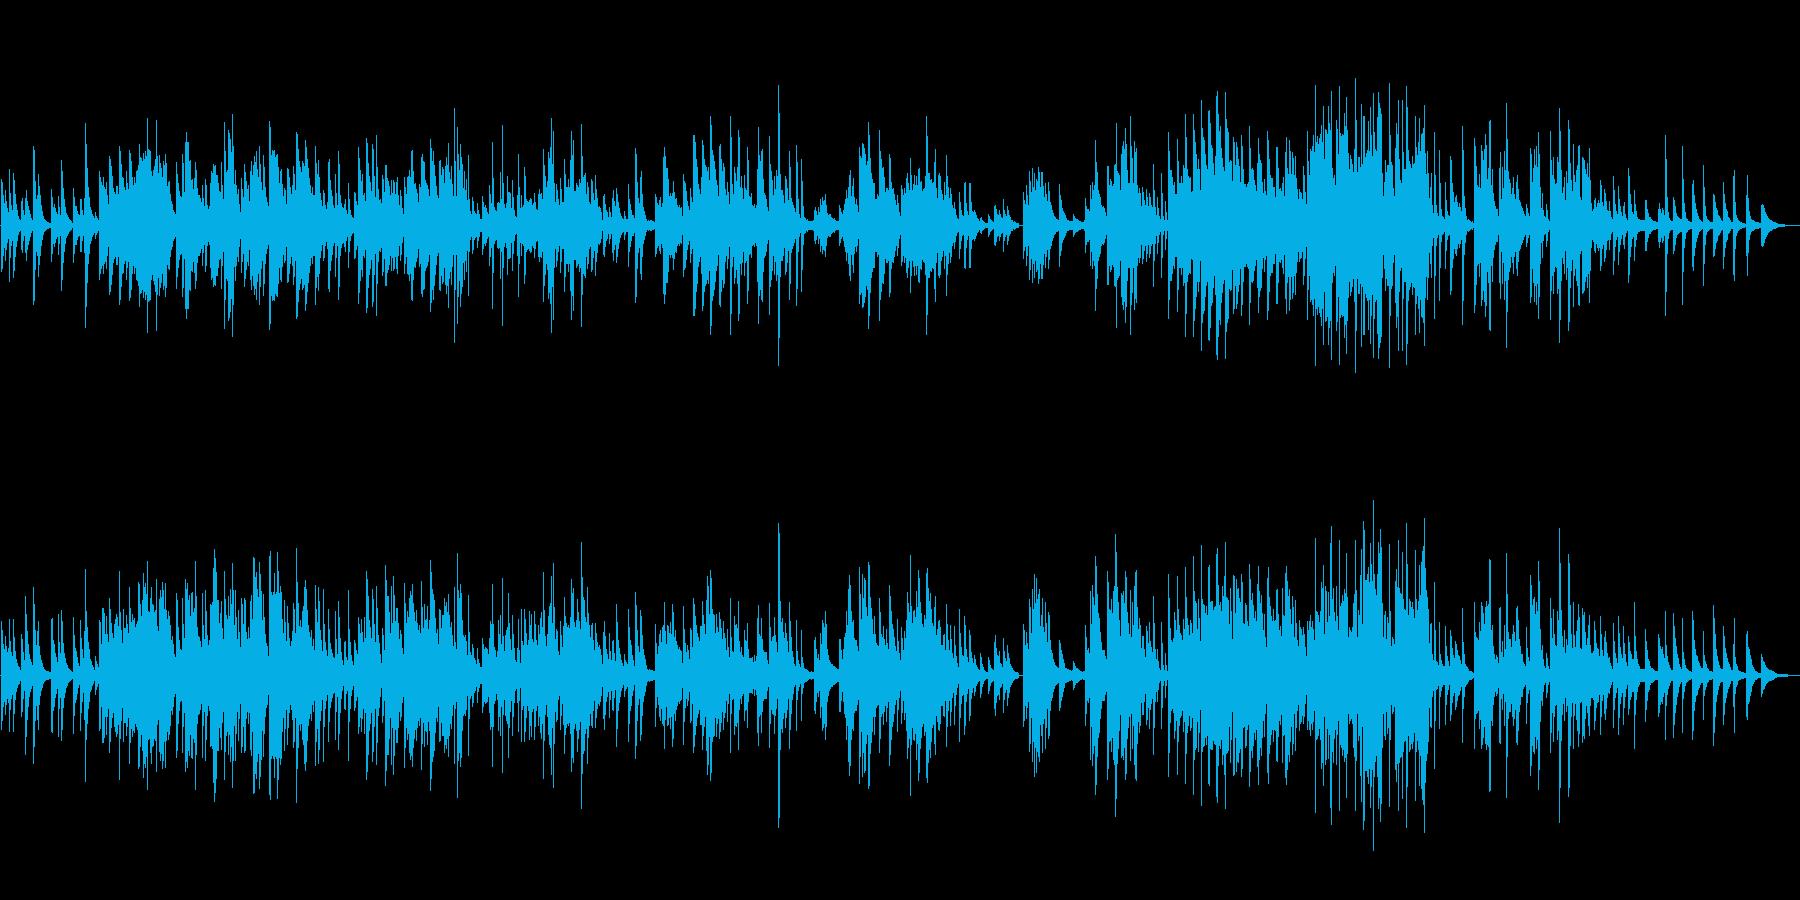 ピアノソロ楽曲です。24bit,48k…の再生済みの波形